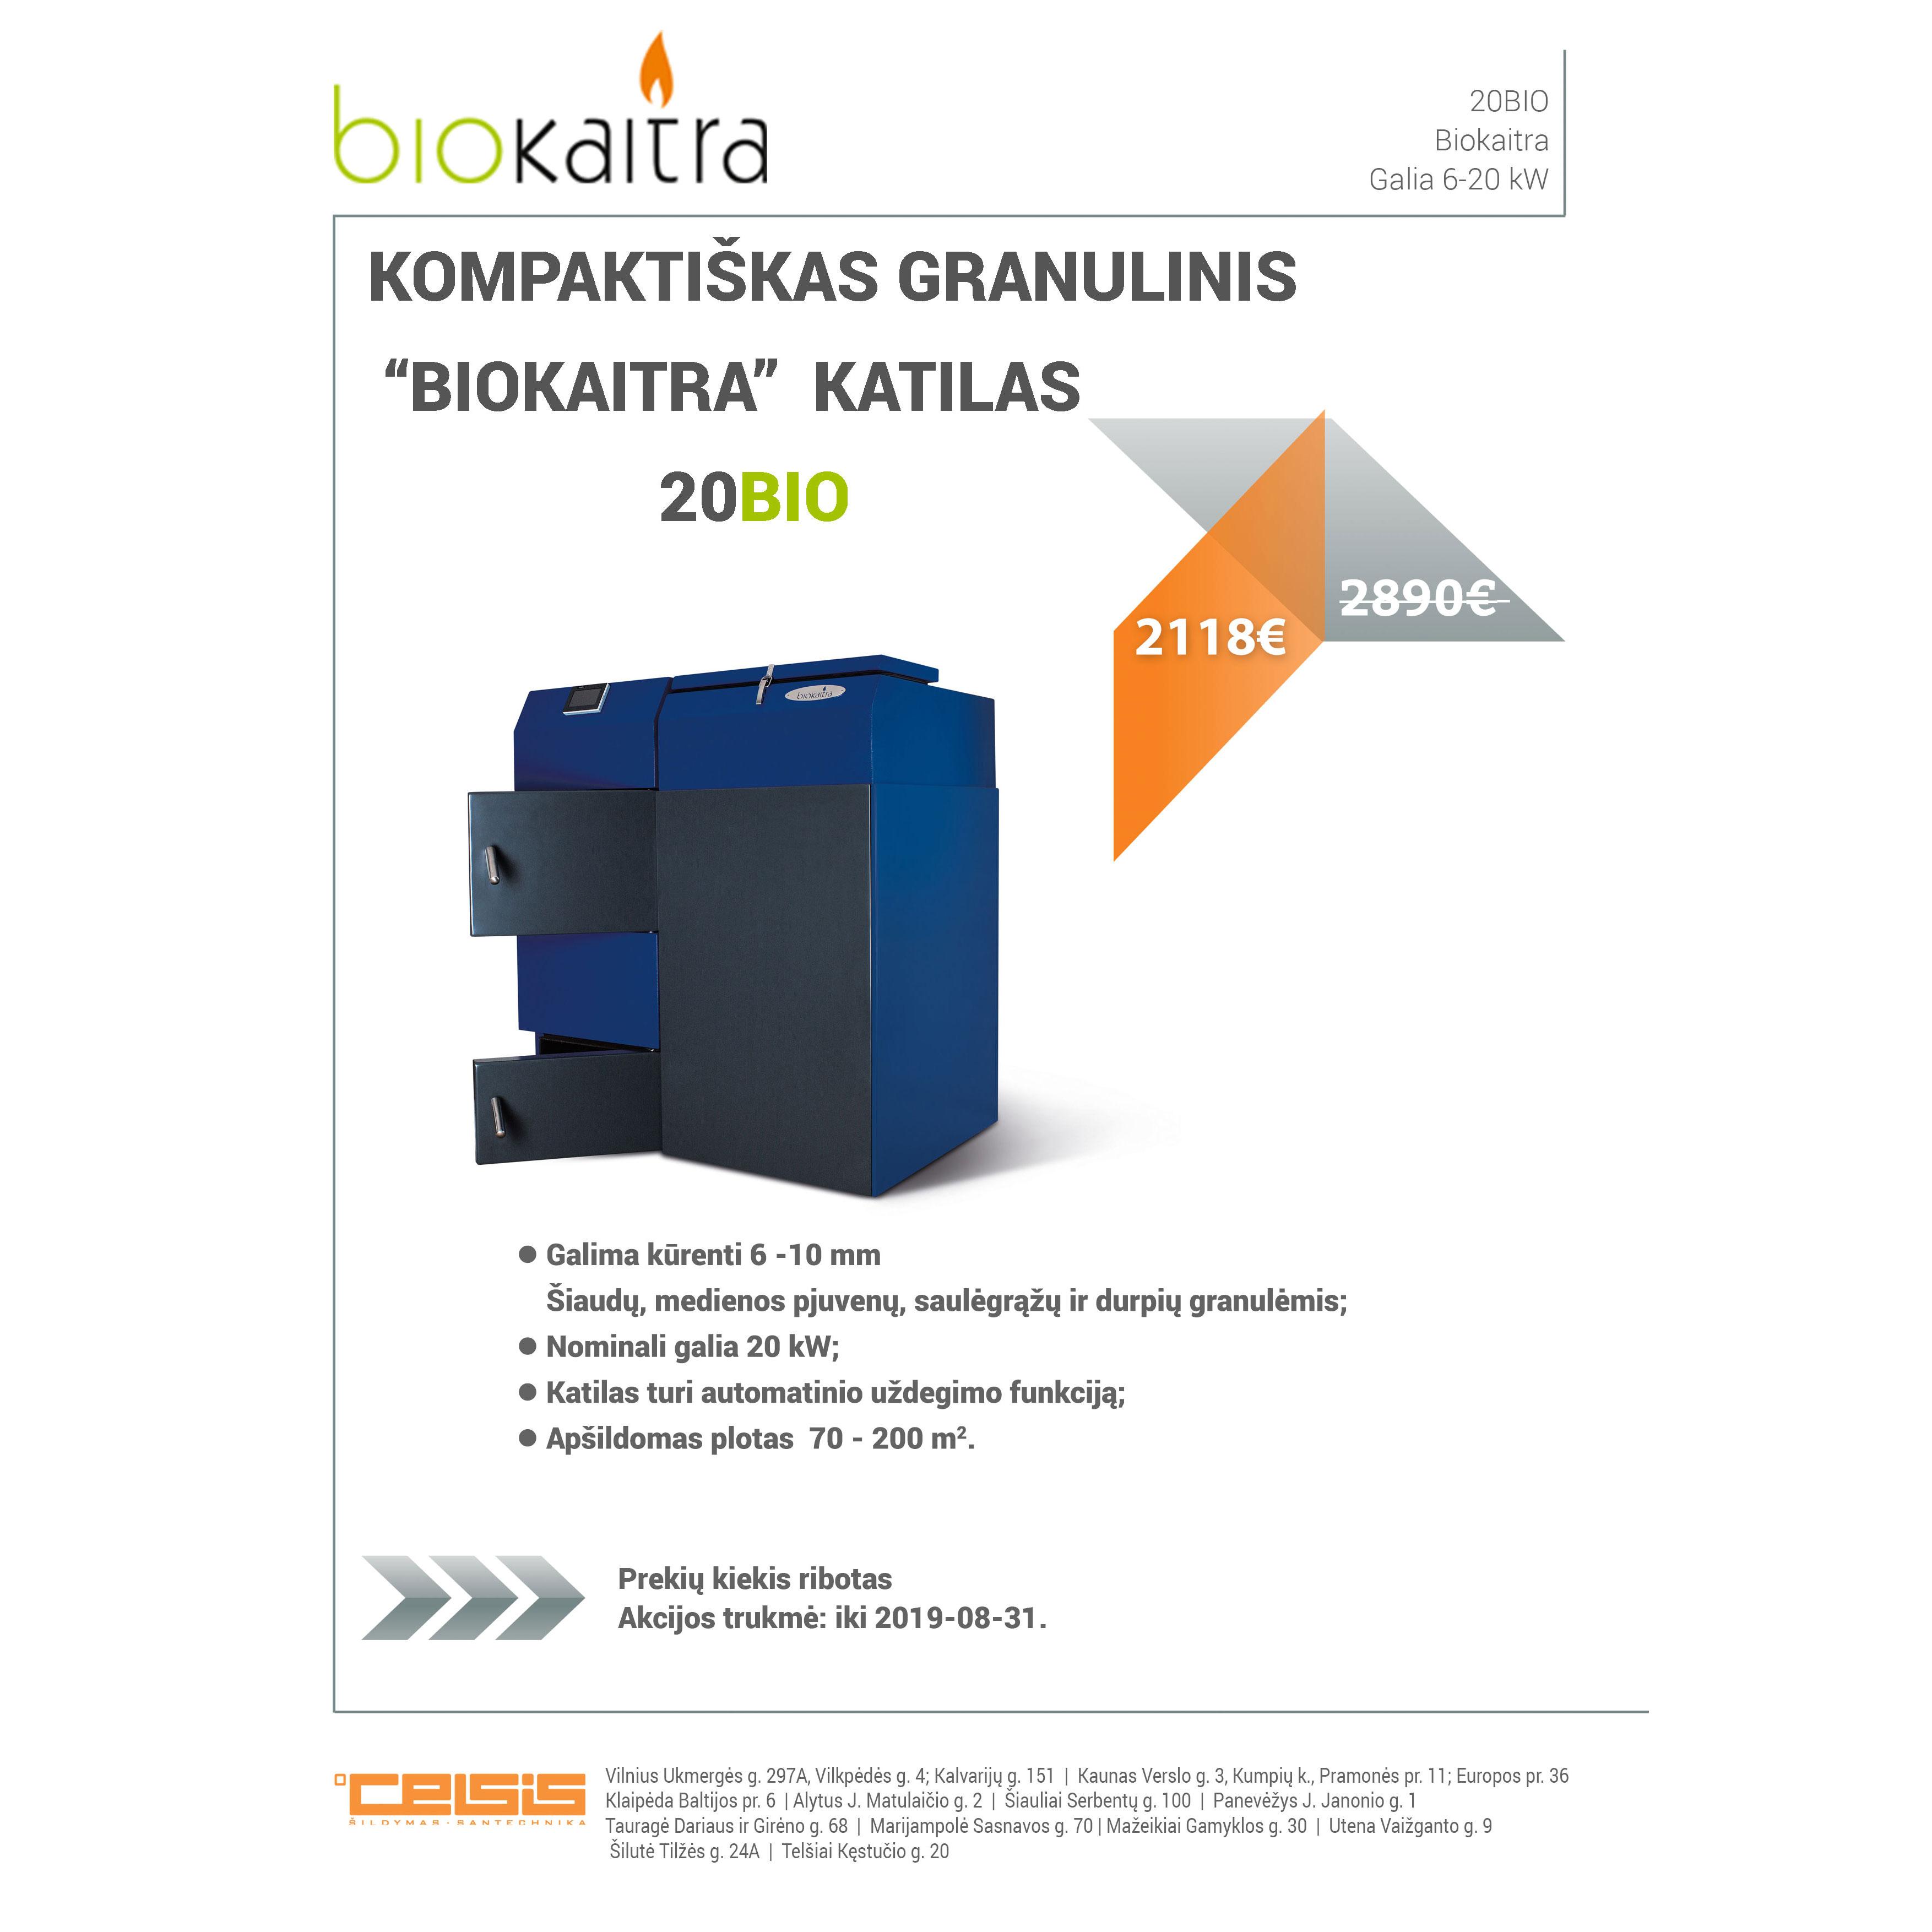 """KOMPAKTIŠKAS GRANULINIS """"BIOKAITRA""""  KATILAS 20BIO 2470 €!"""